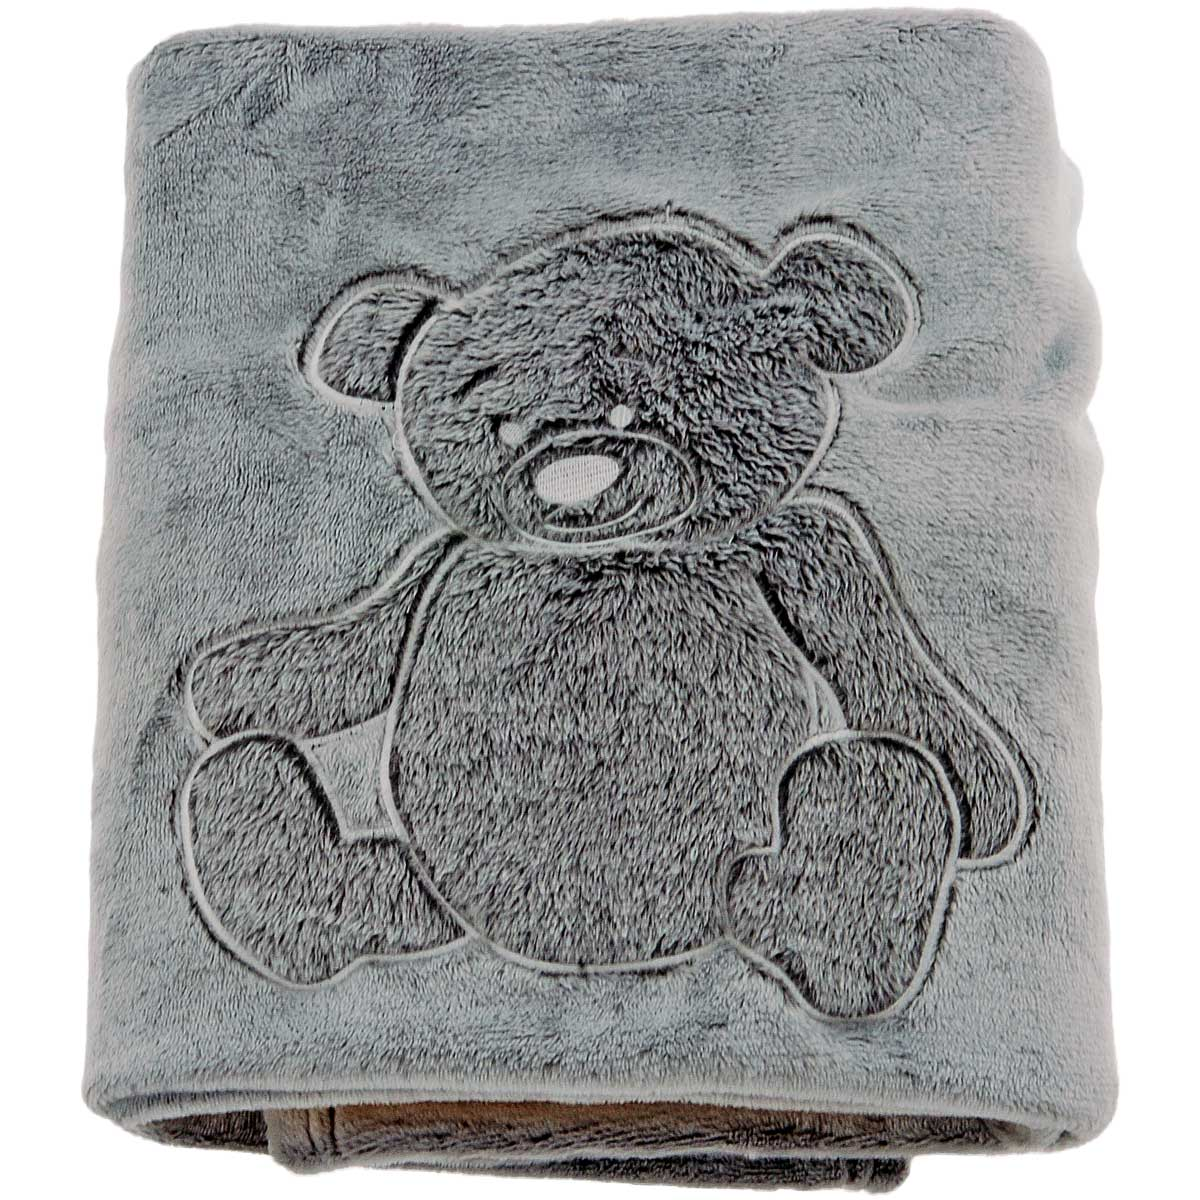 couverture polaire brod e ourson anthracite homemaison vente en ligne couvertures et plaids. Black Bedroom Furniture Sets. Home Design Ideas